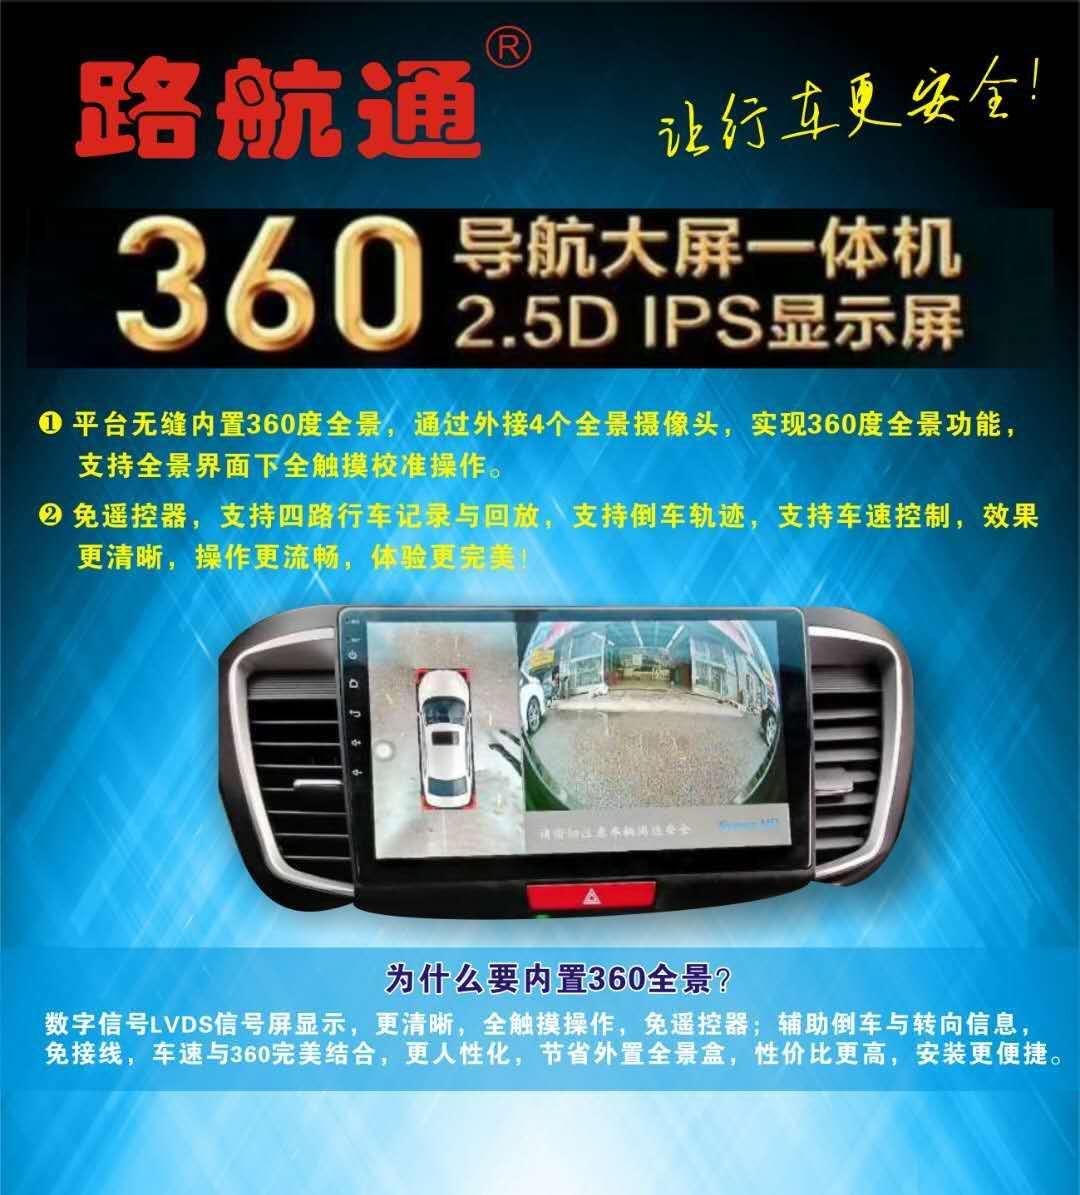 360导航一体机厂家、360全景厂家、导航厂家 360全景、360导航一体机